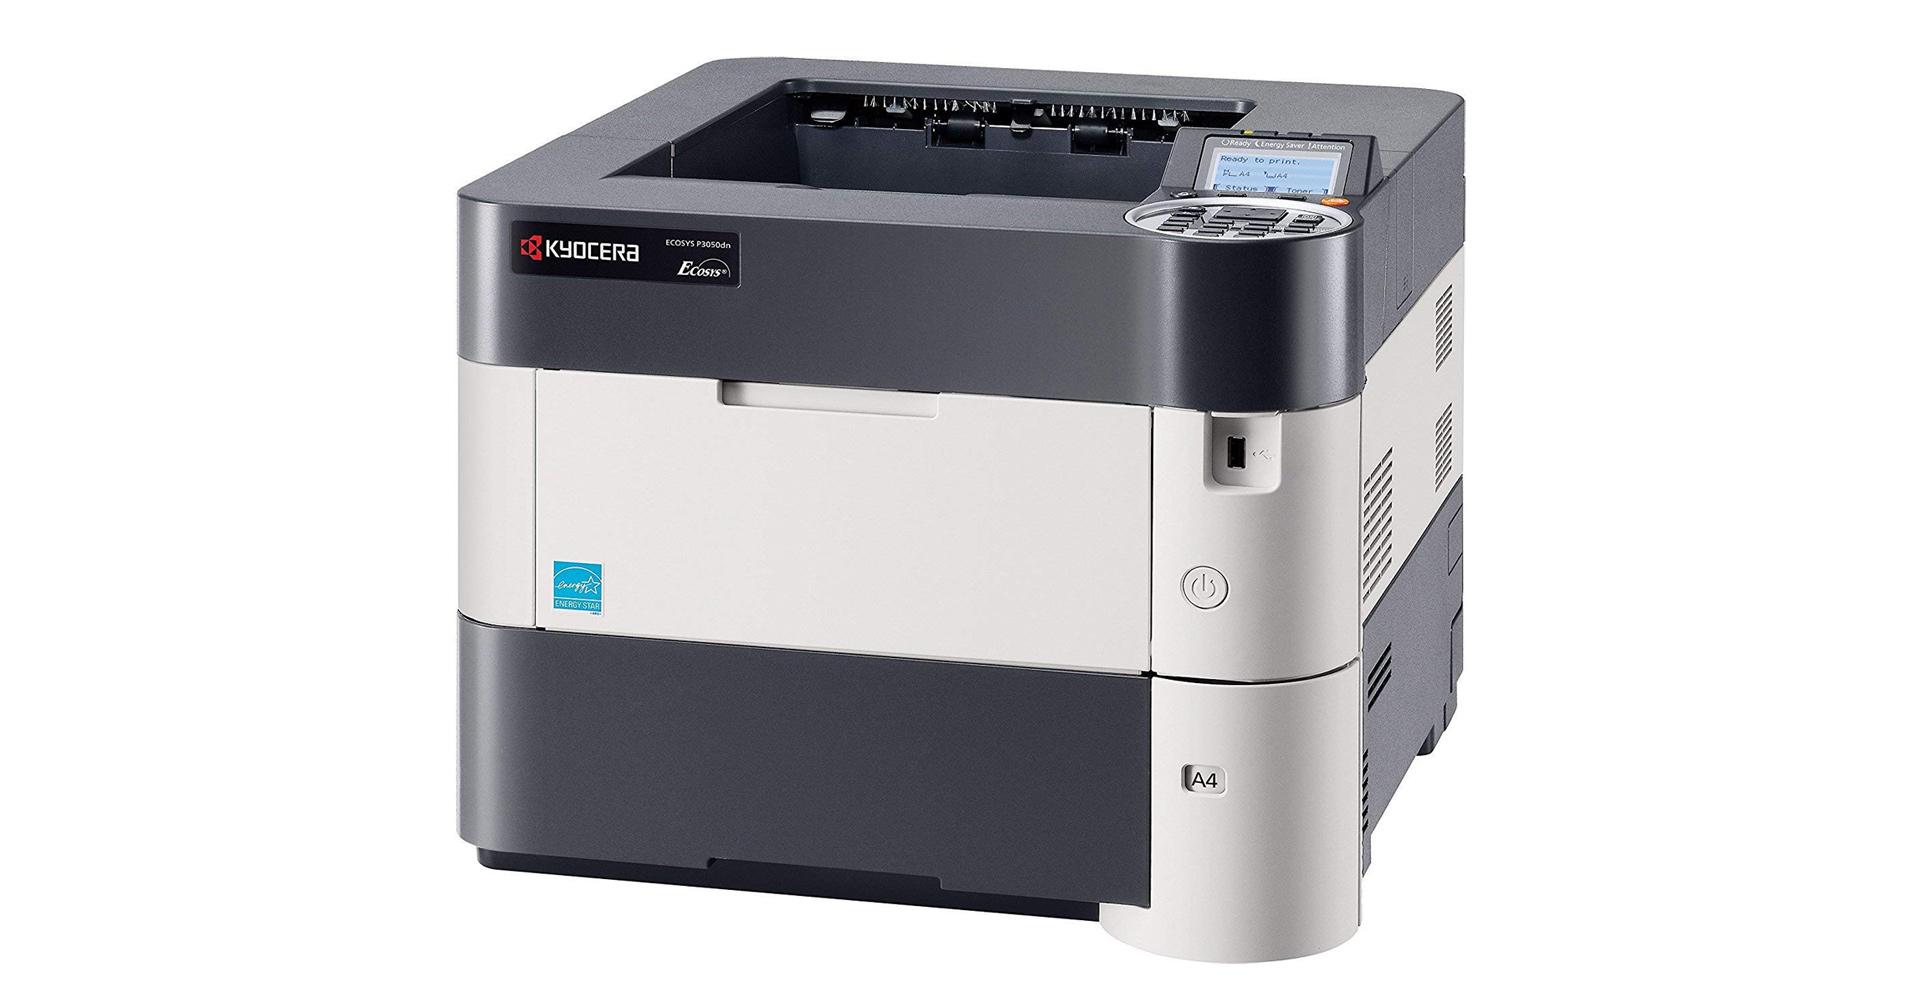 Impressora Kyocera P 3045DN/3050DN/3055DN/3060DN